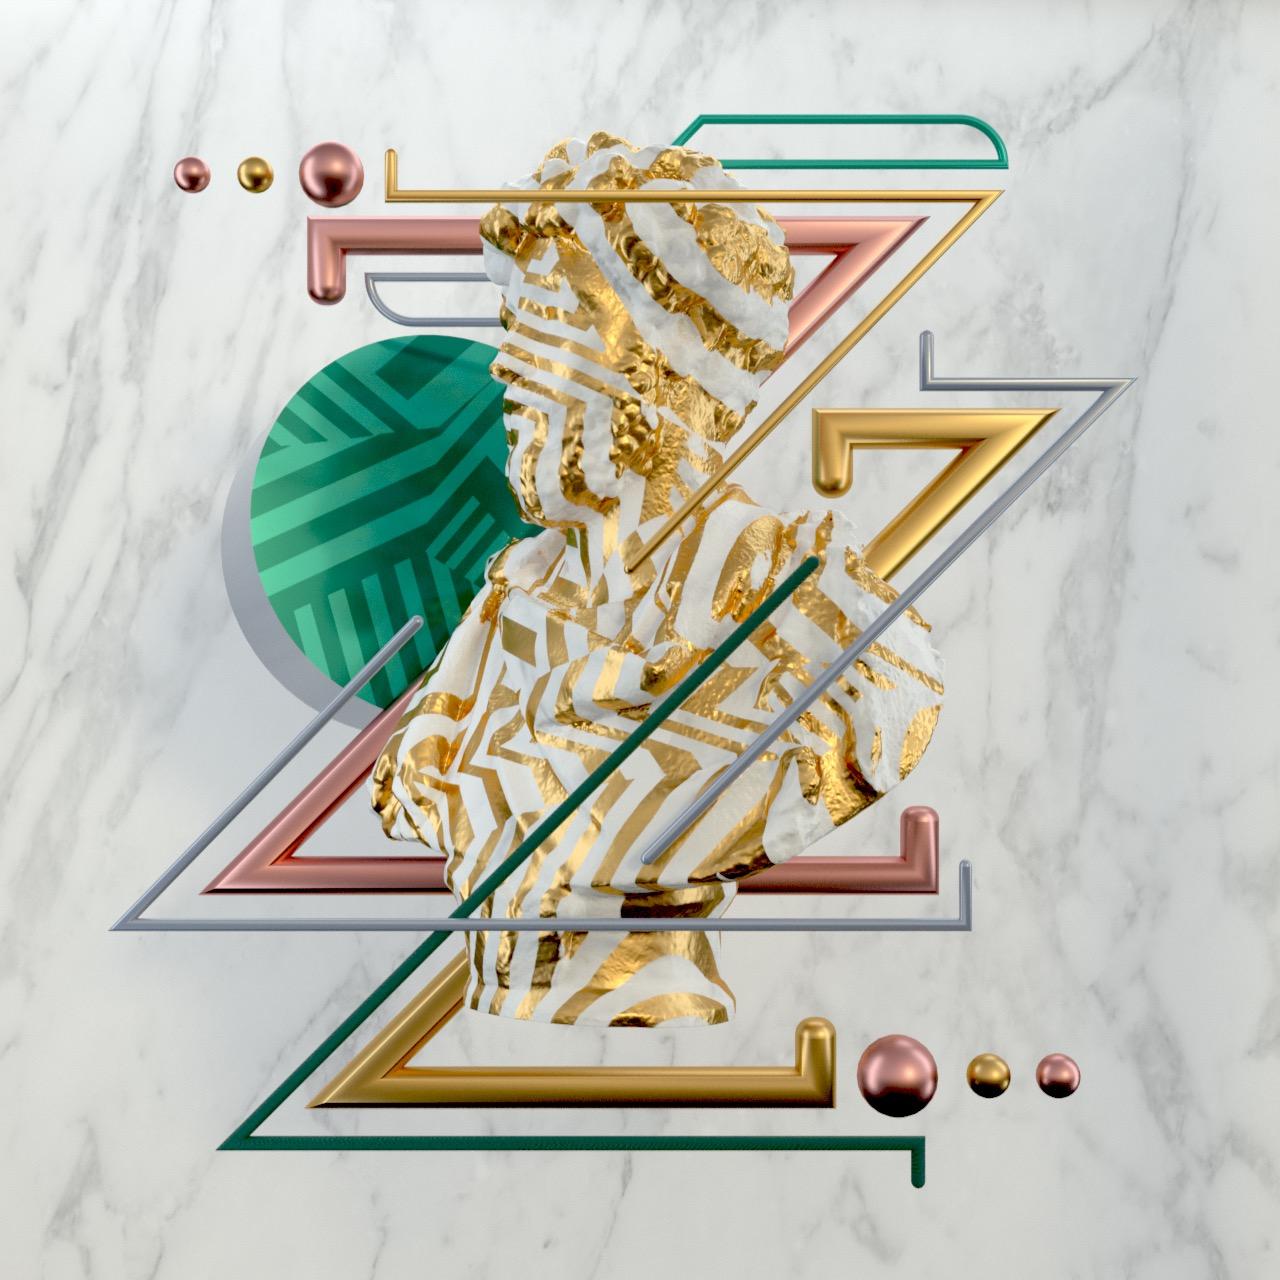 zz typography design